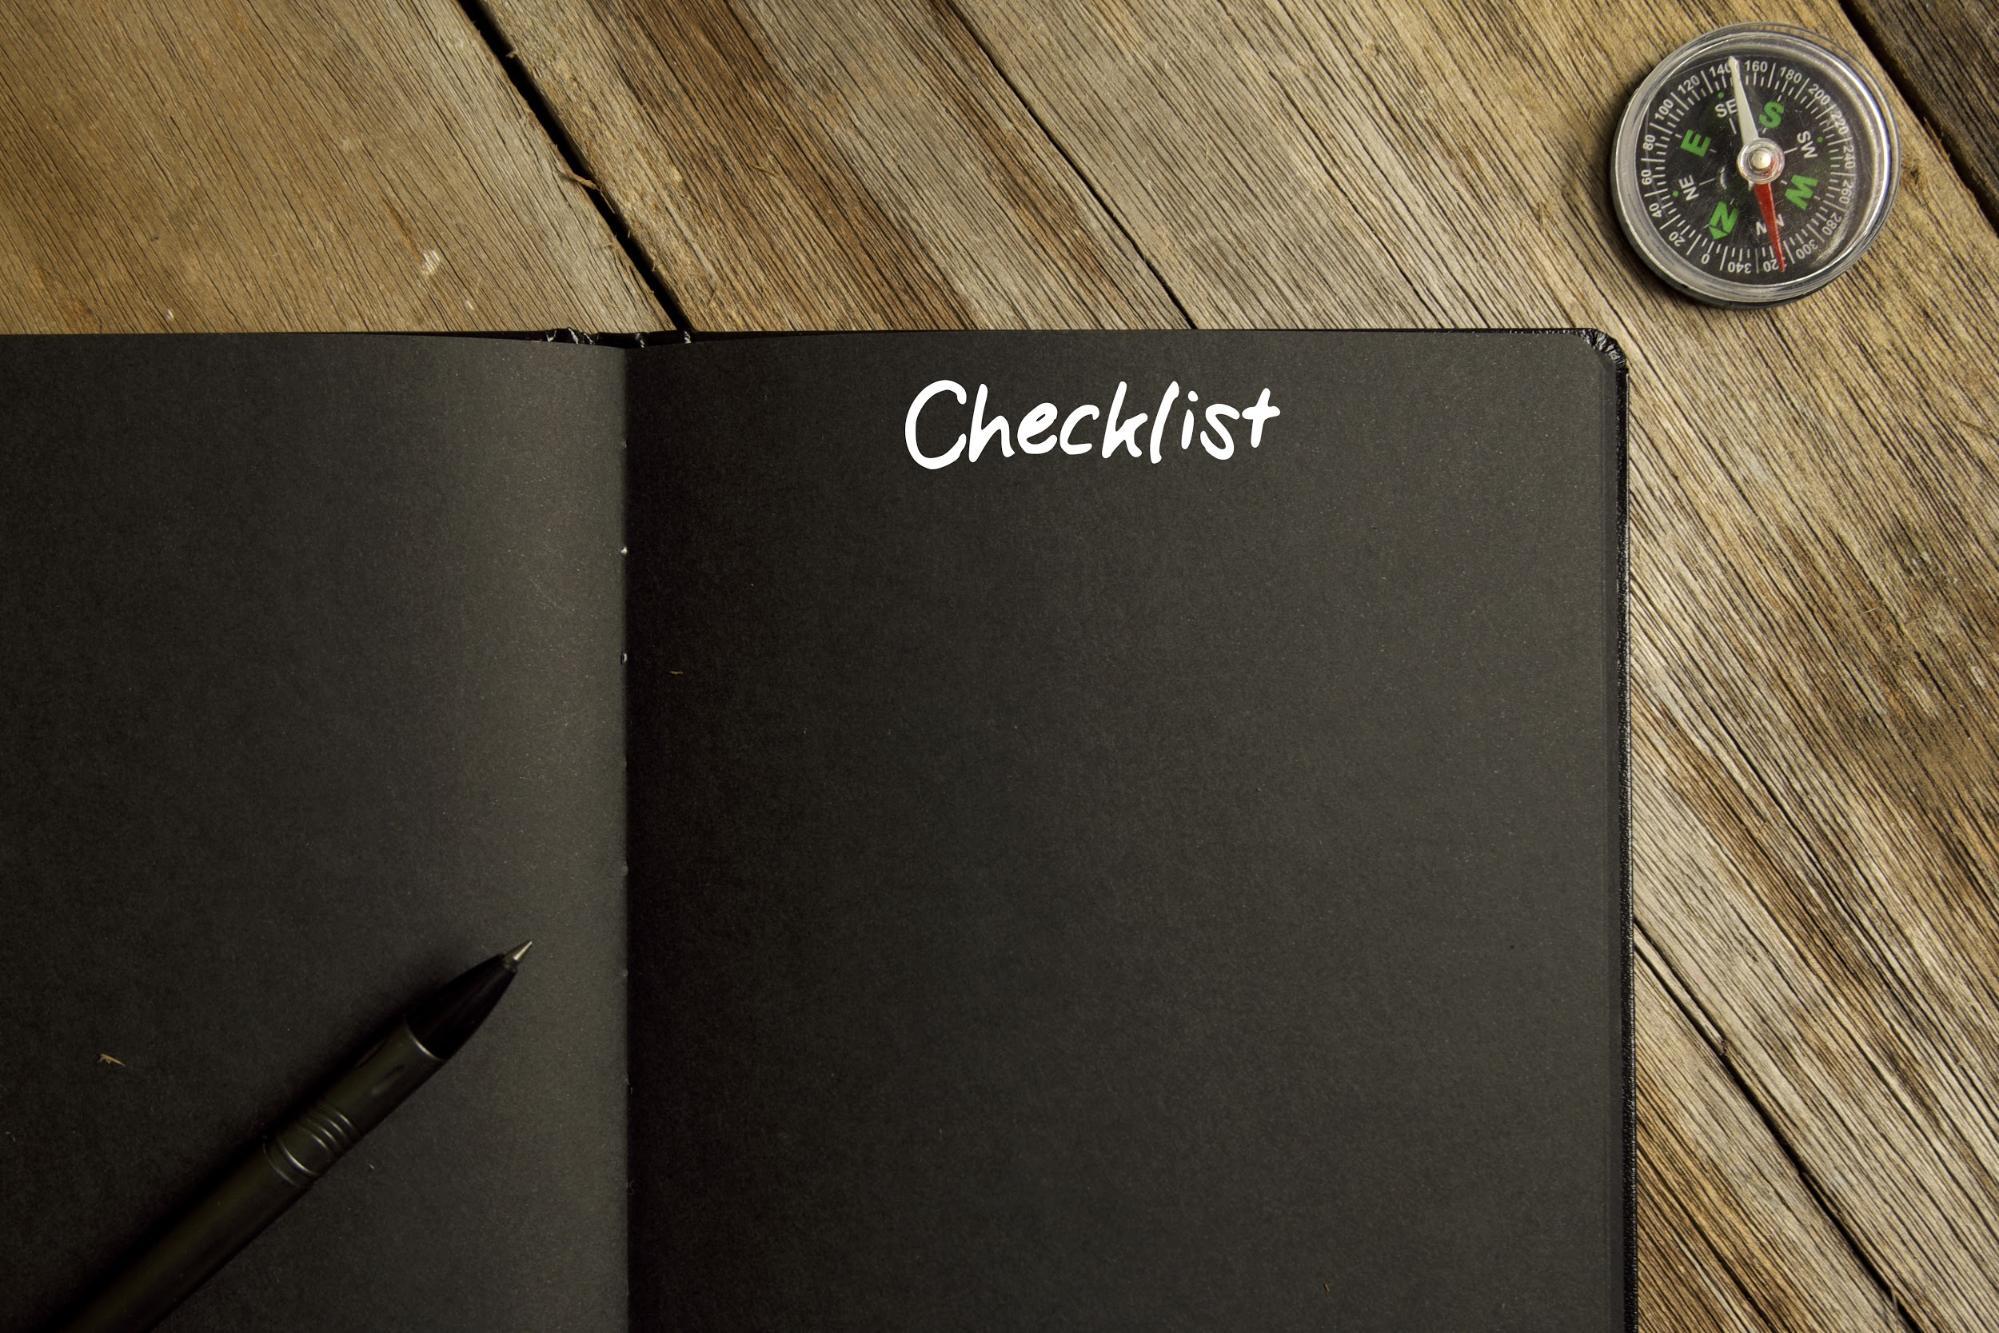 Разработка нового веб-сайта: 10 позиций в ваш чек-лист